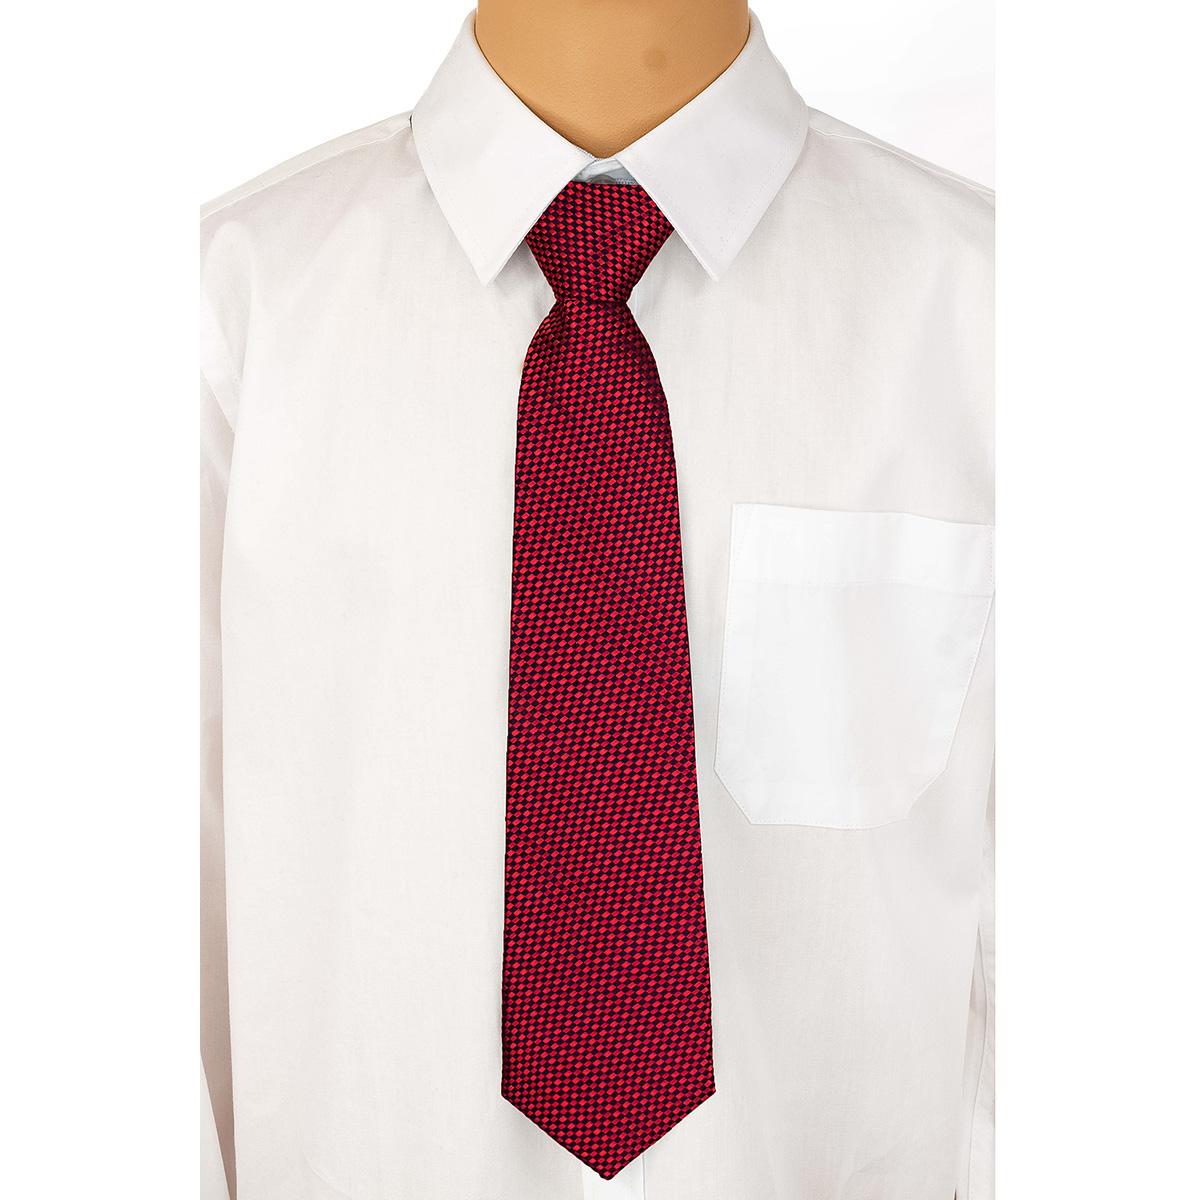 Модный_галстук_для_мальчика_Brostem_изготовлен_из_полиэстера._Обхват_шеи_регулируется_с_помощью_пластикового_фиксатора._Галстук_оформлен_оригинальным_принтом.